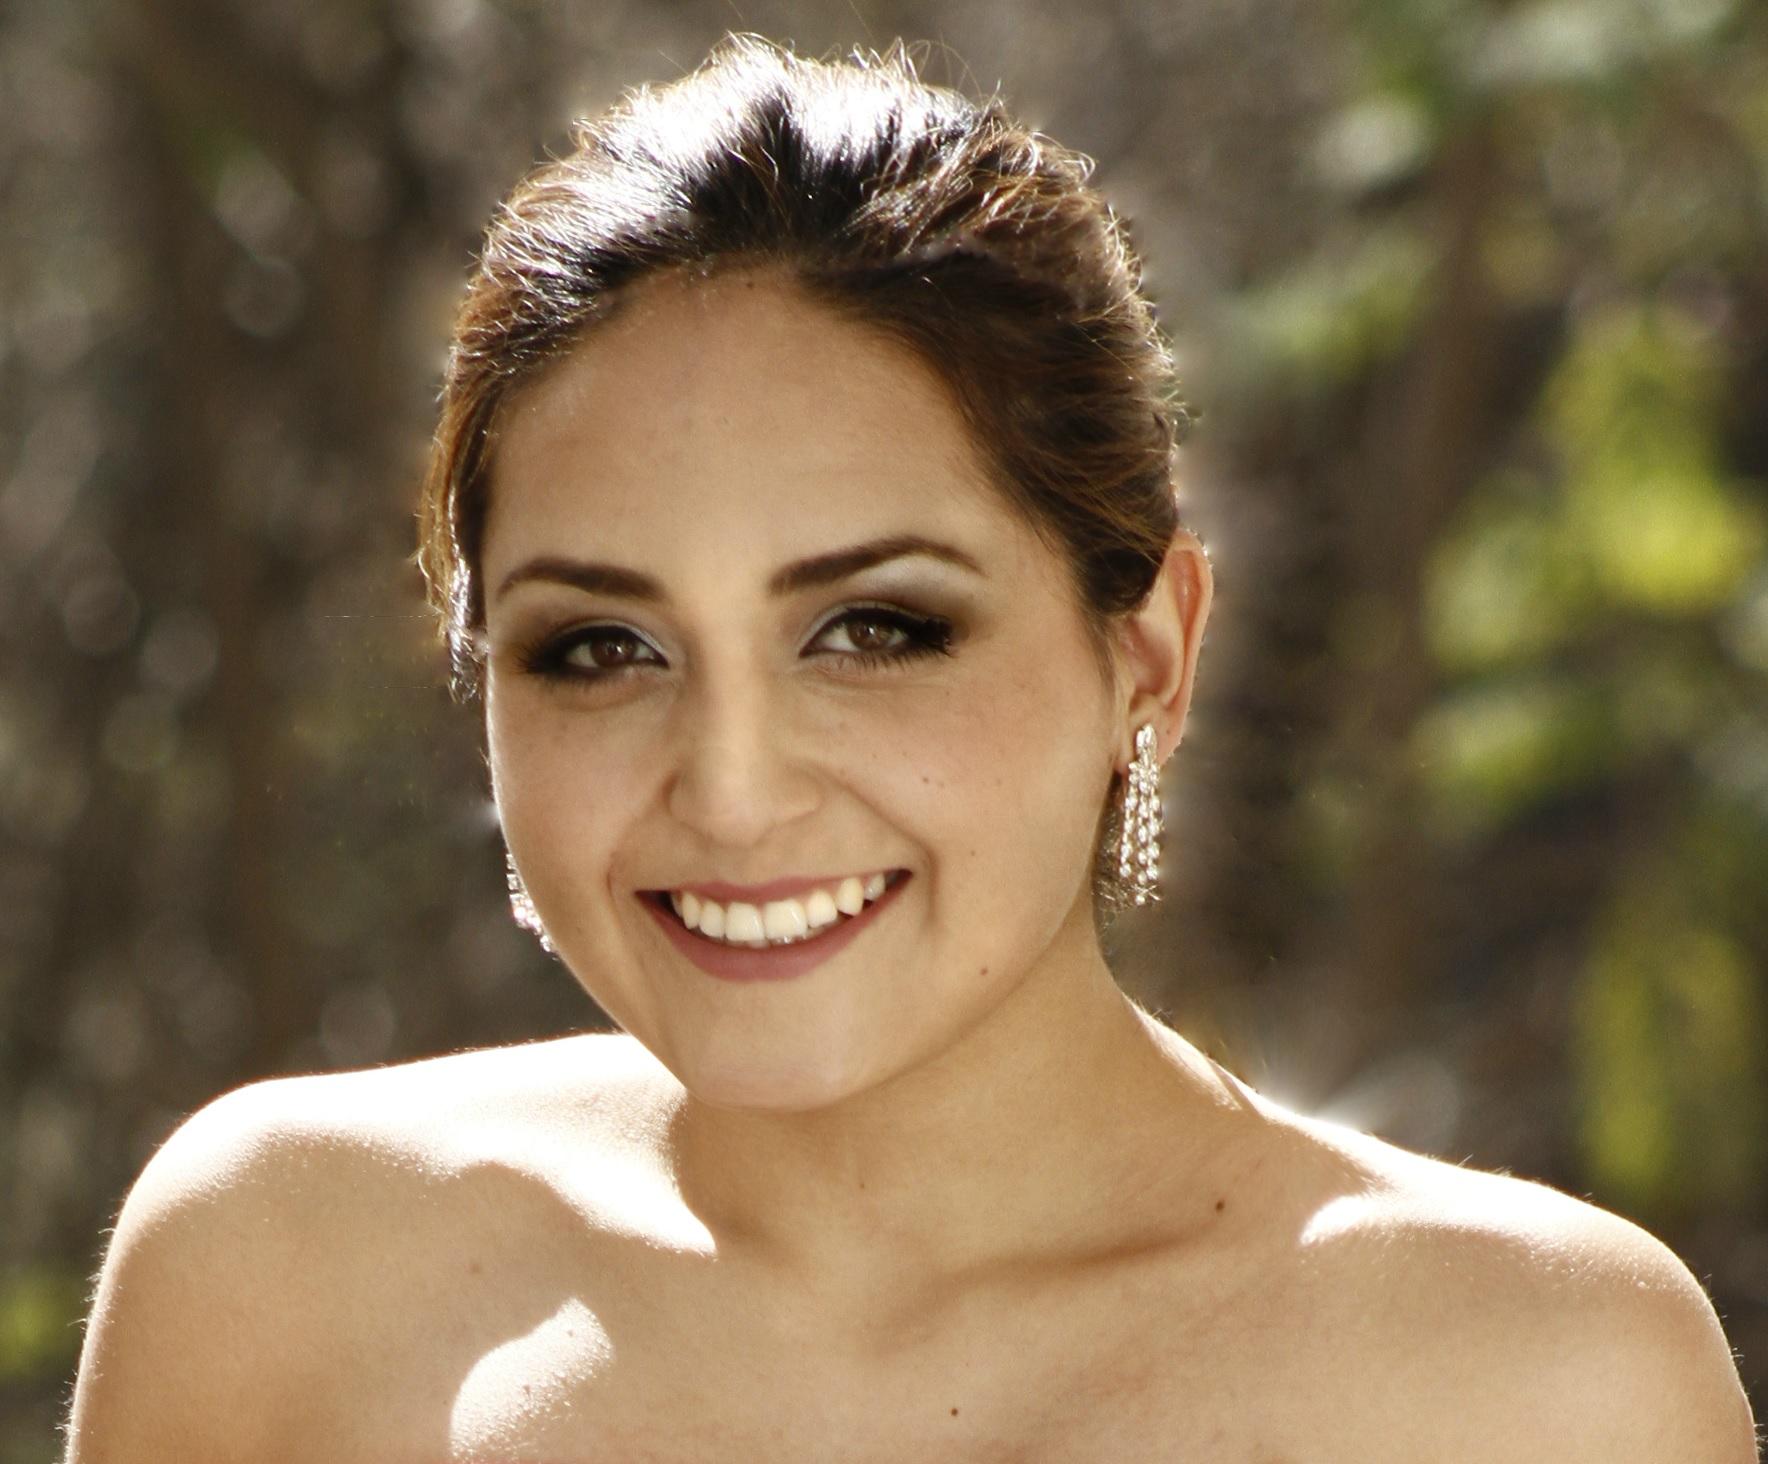 Alyson Rosales